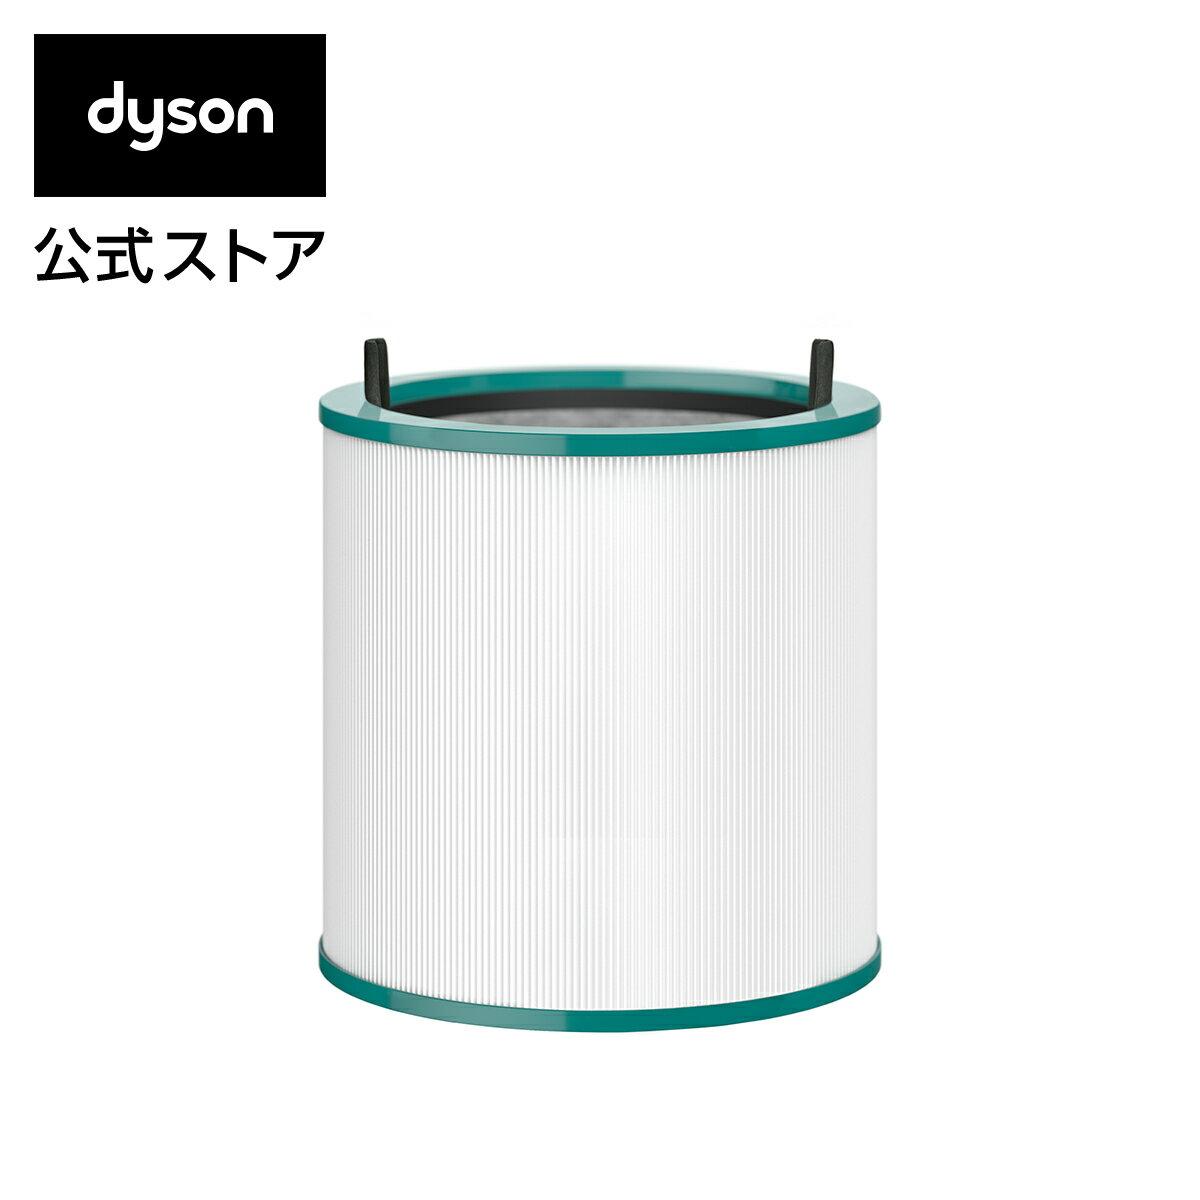 空気清浄機用アクセサリー, 交換フィルター  Dyson Pure (TP03, TP02, TP00, AM11, BP01)